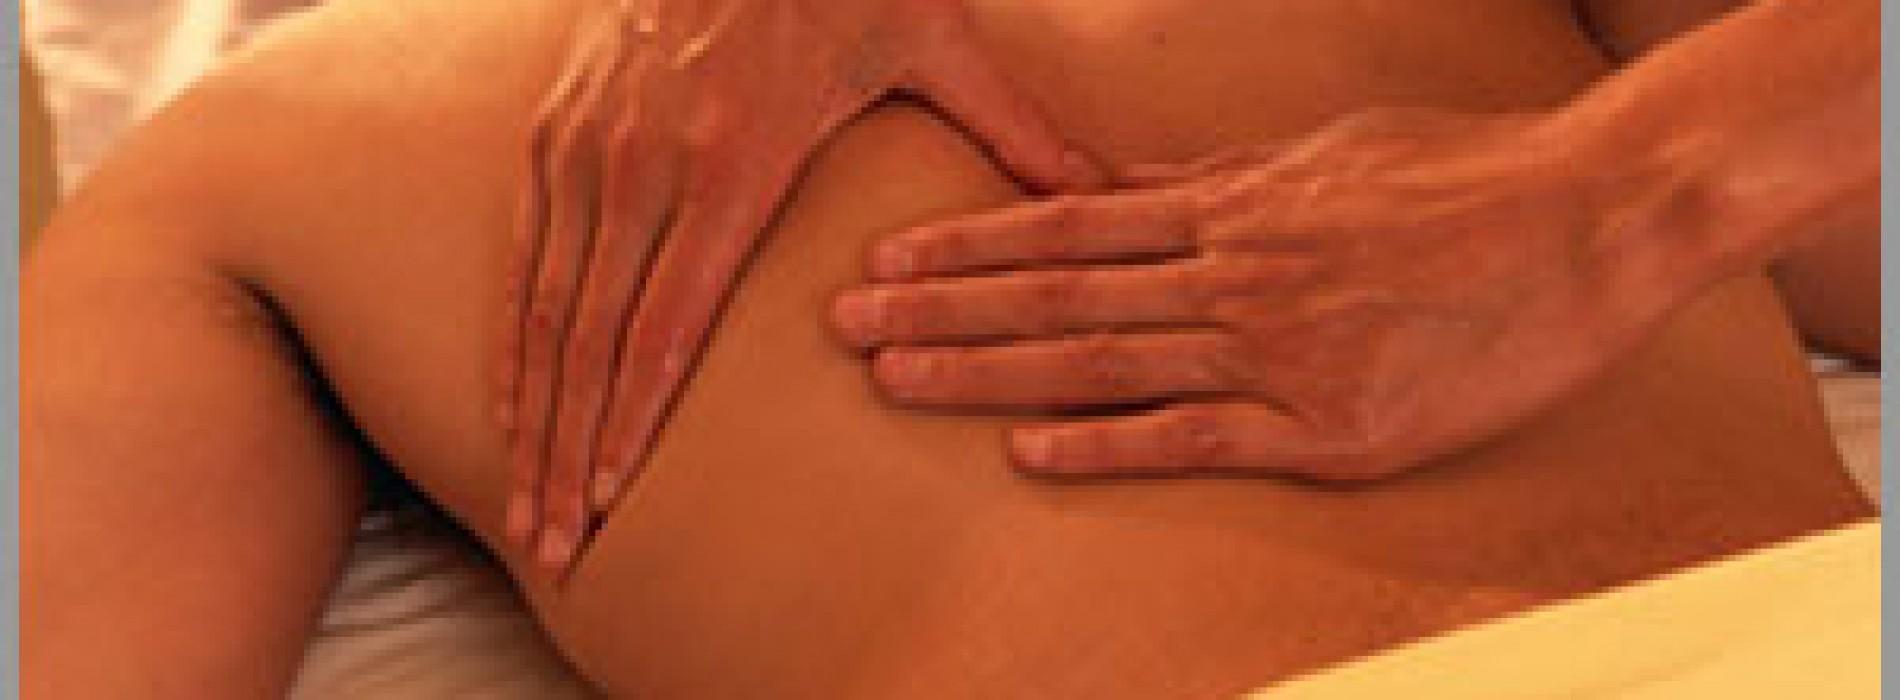 คนโบราณจัดการกับอาการปวดหลังอย่างไร  และ  การพักคือวิธีที่ดีที่สุด